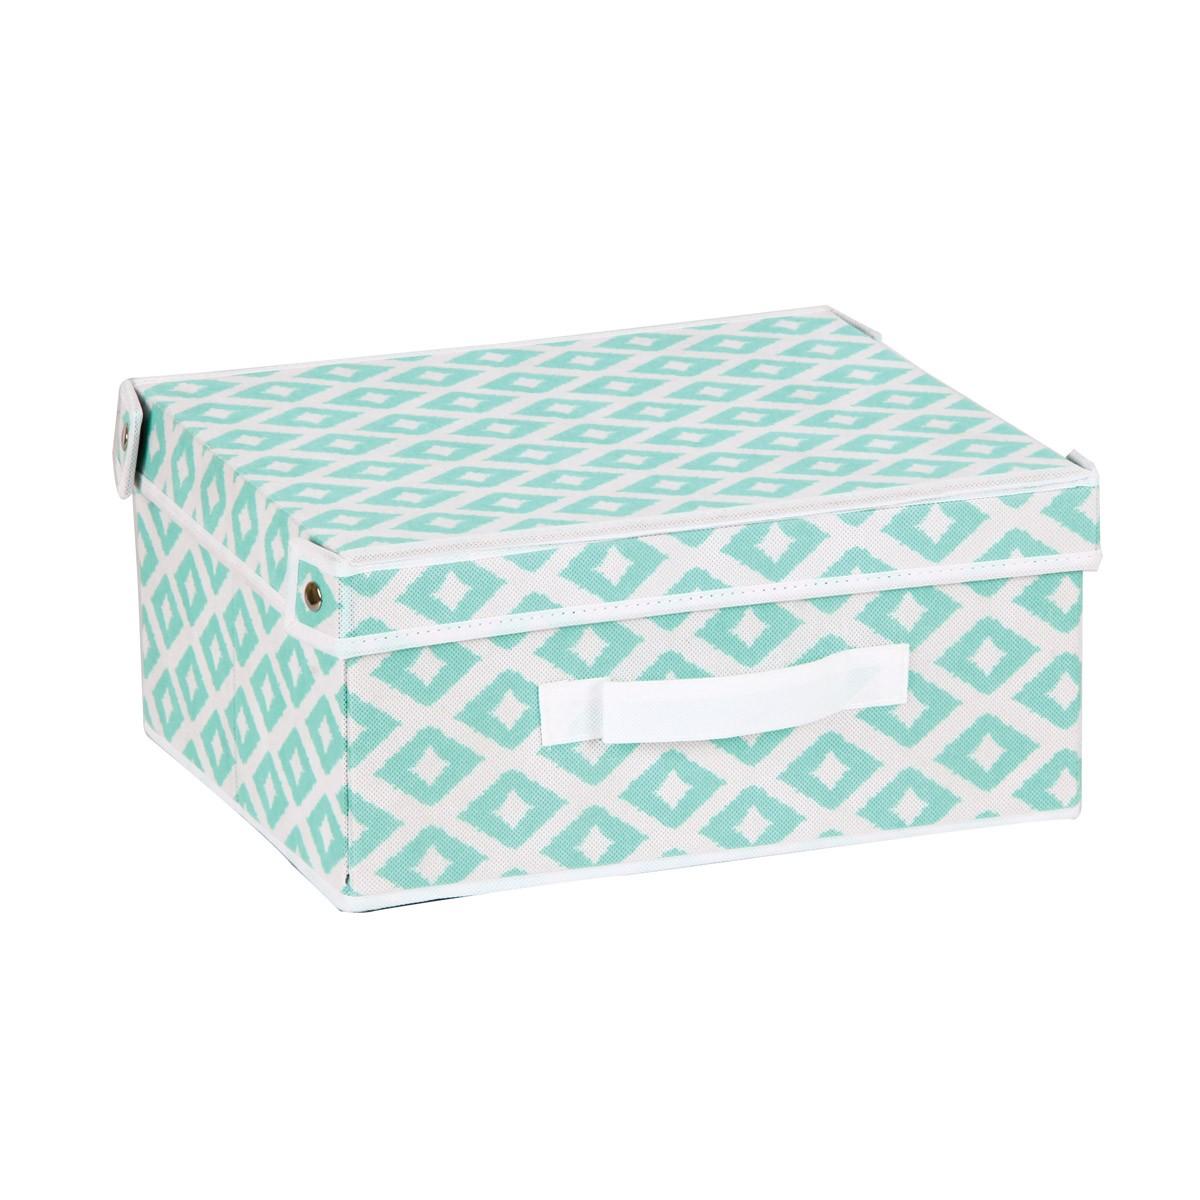 Κουτί Τακτοποίησης (33x28x15) εstia 03-2060 Turquoise home   κρεβατοκάμαρα   οργάνωση ντουλάπας